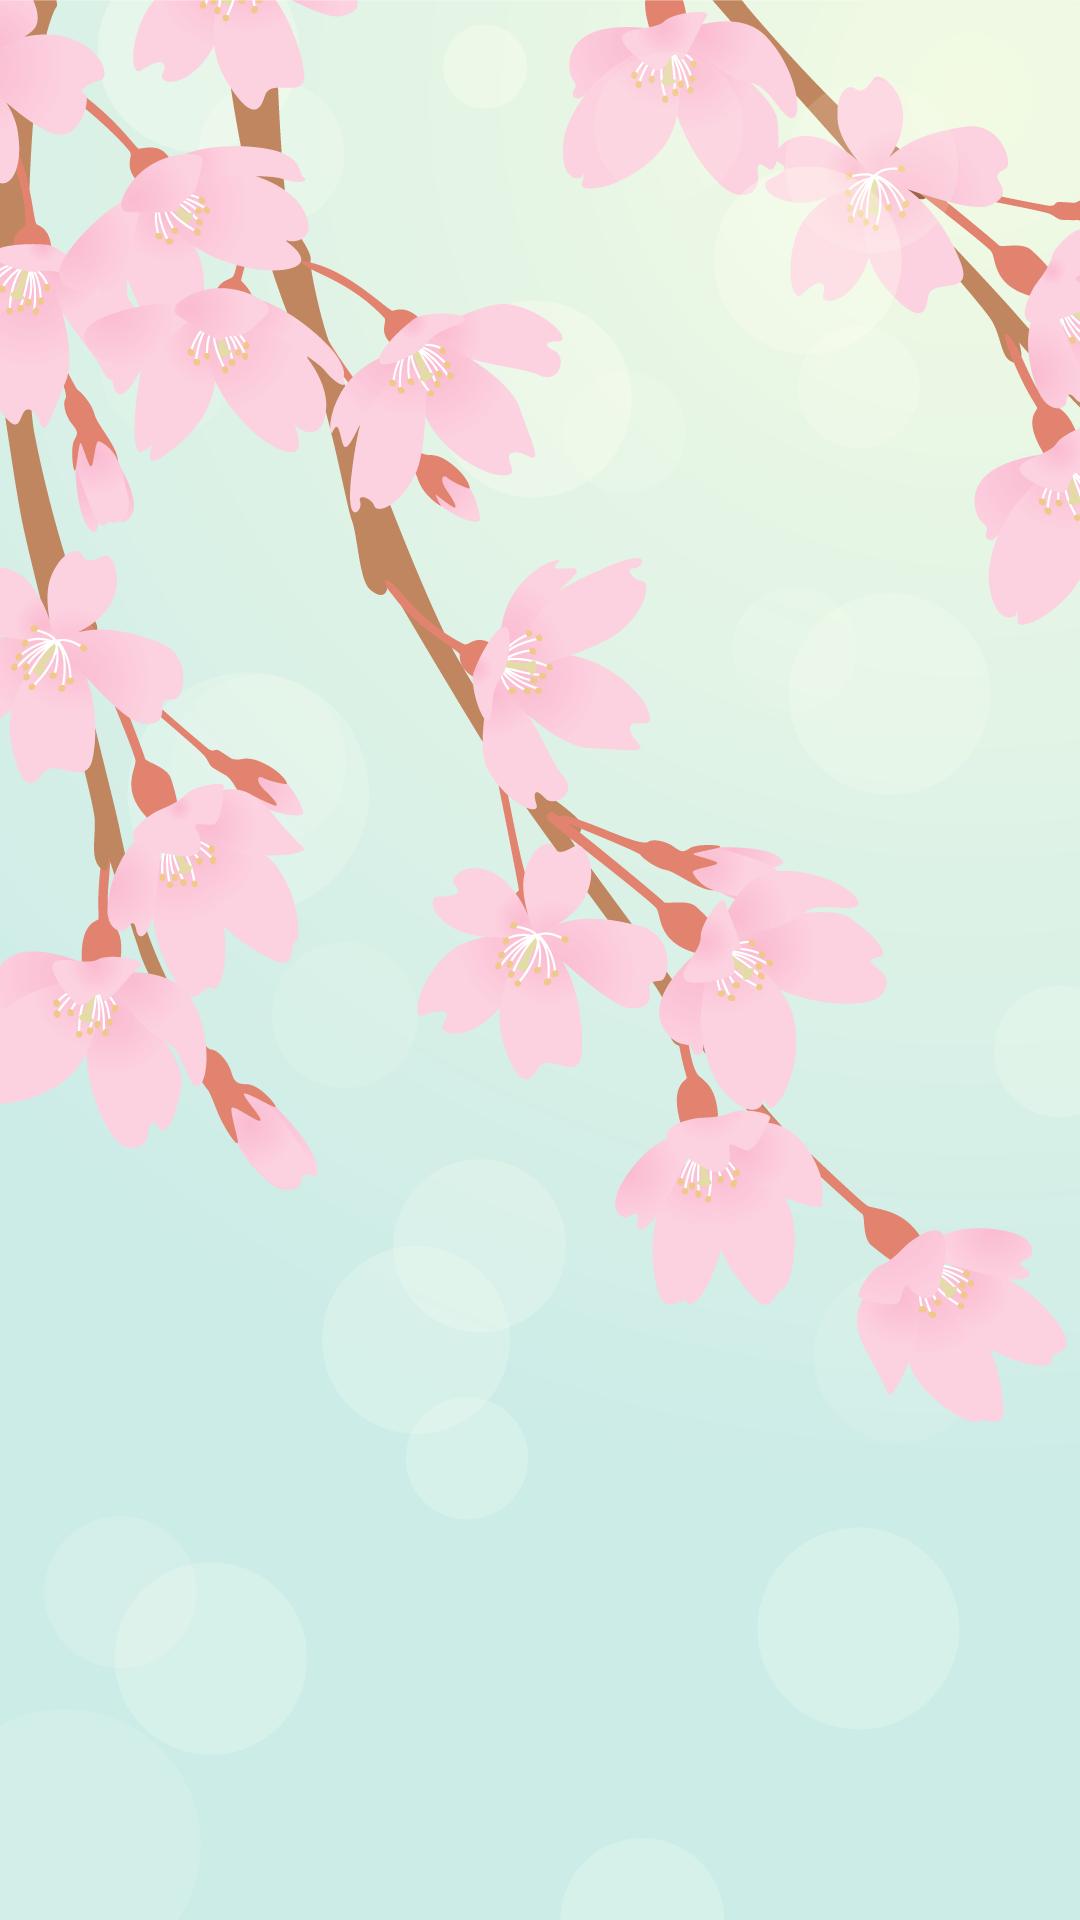 スマートフォン用壁紙(シダレザクラ)